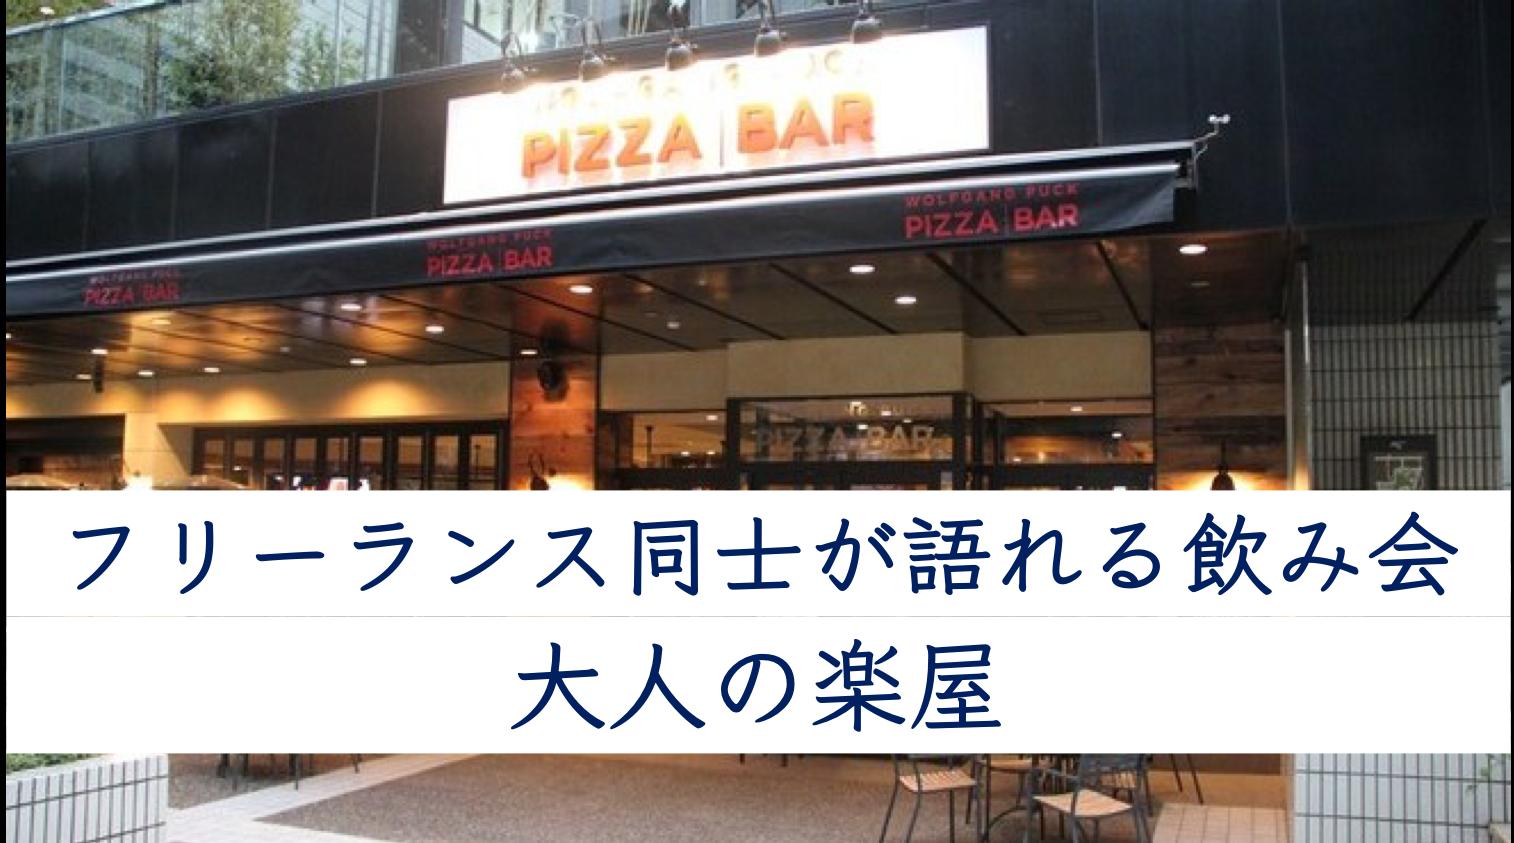 9/27(金)【六本木】フリーランス同士が語れる飲み会を開催します!